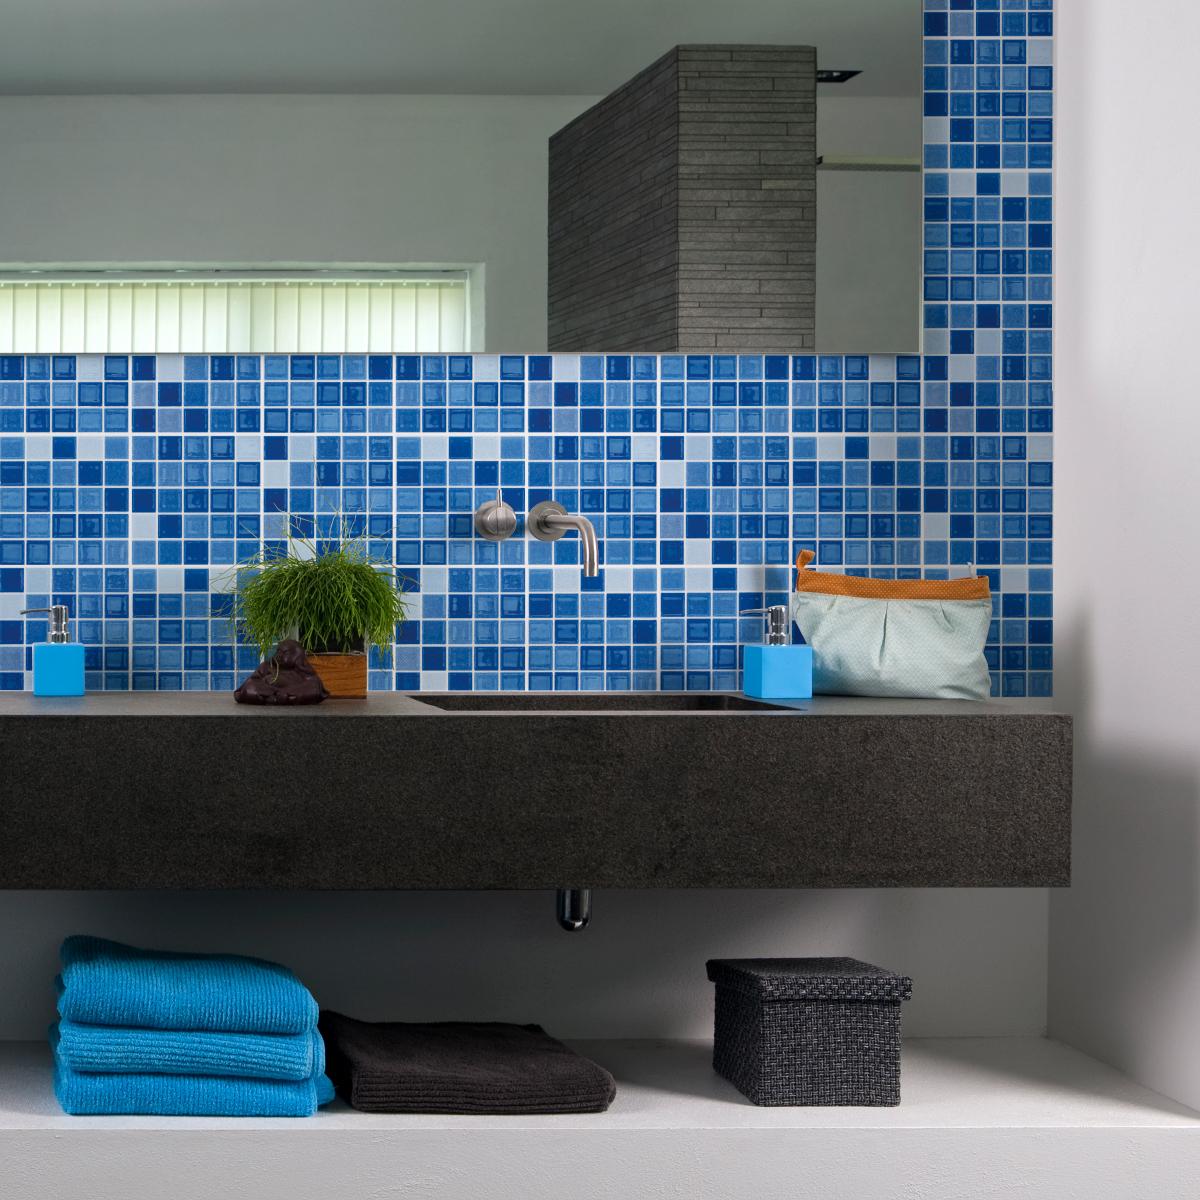 Maison Salle de bain, textiles Carrelage images adhésif ...